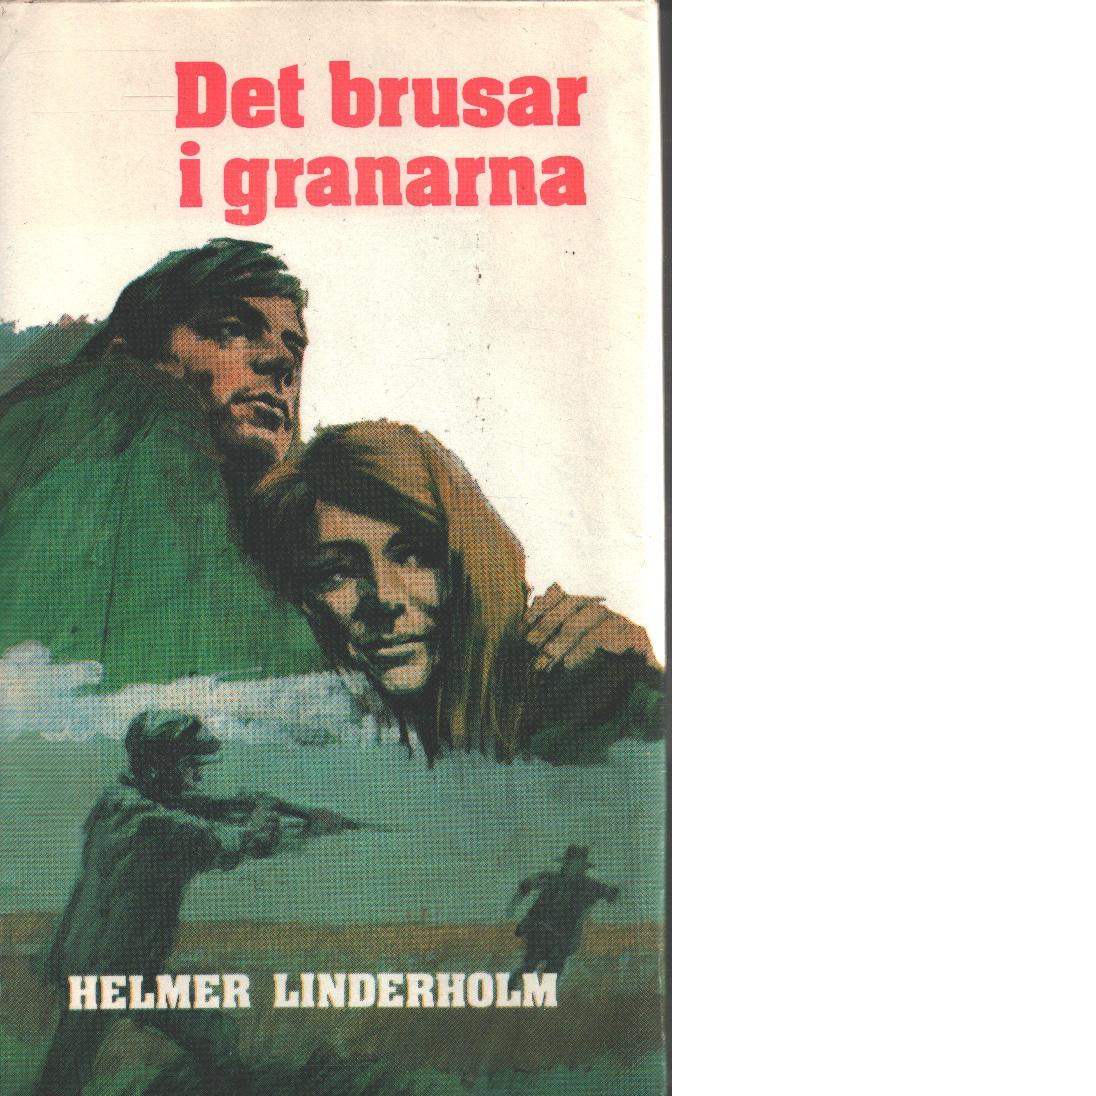 Det brusar i granarna - Linderholm, Helmer